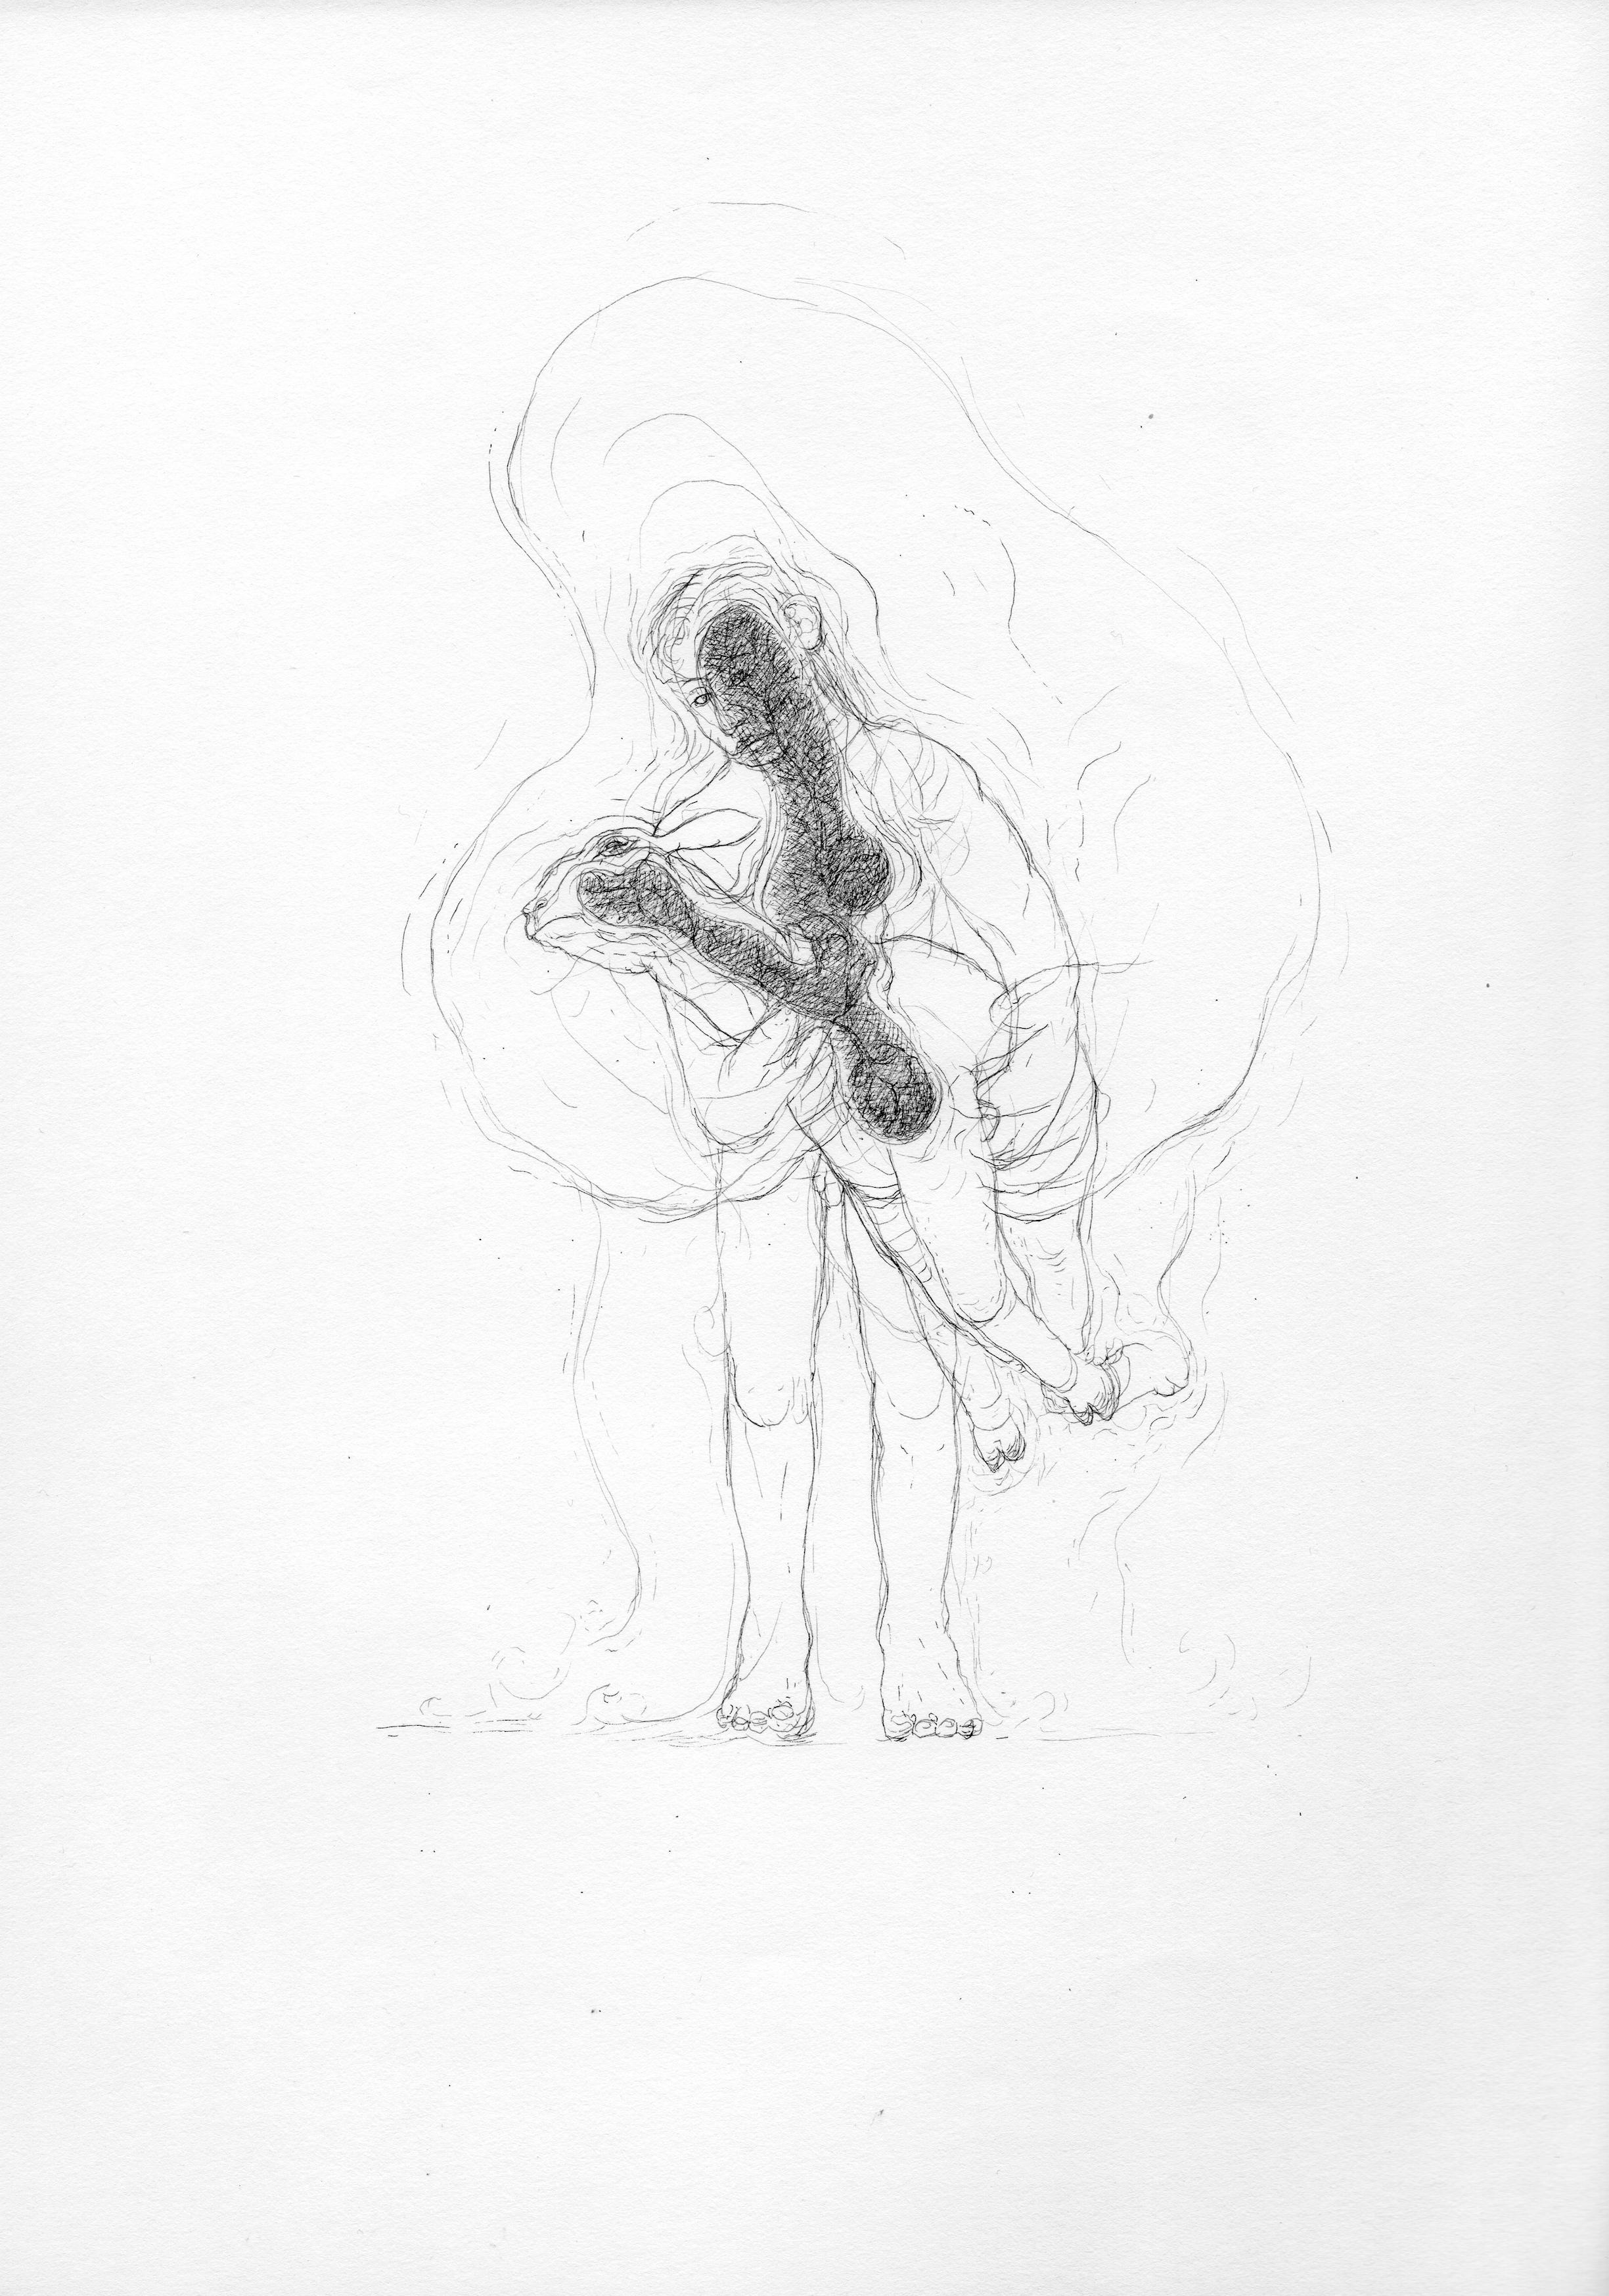 """© Nicolas Darrot, """"Sans titre"""" (084), encre de Chine sur papier, 39,7x42 cm, 2019."""